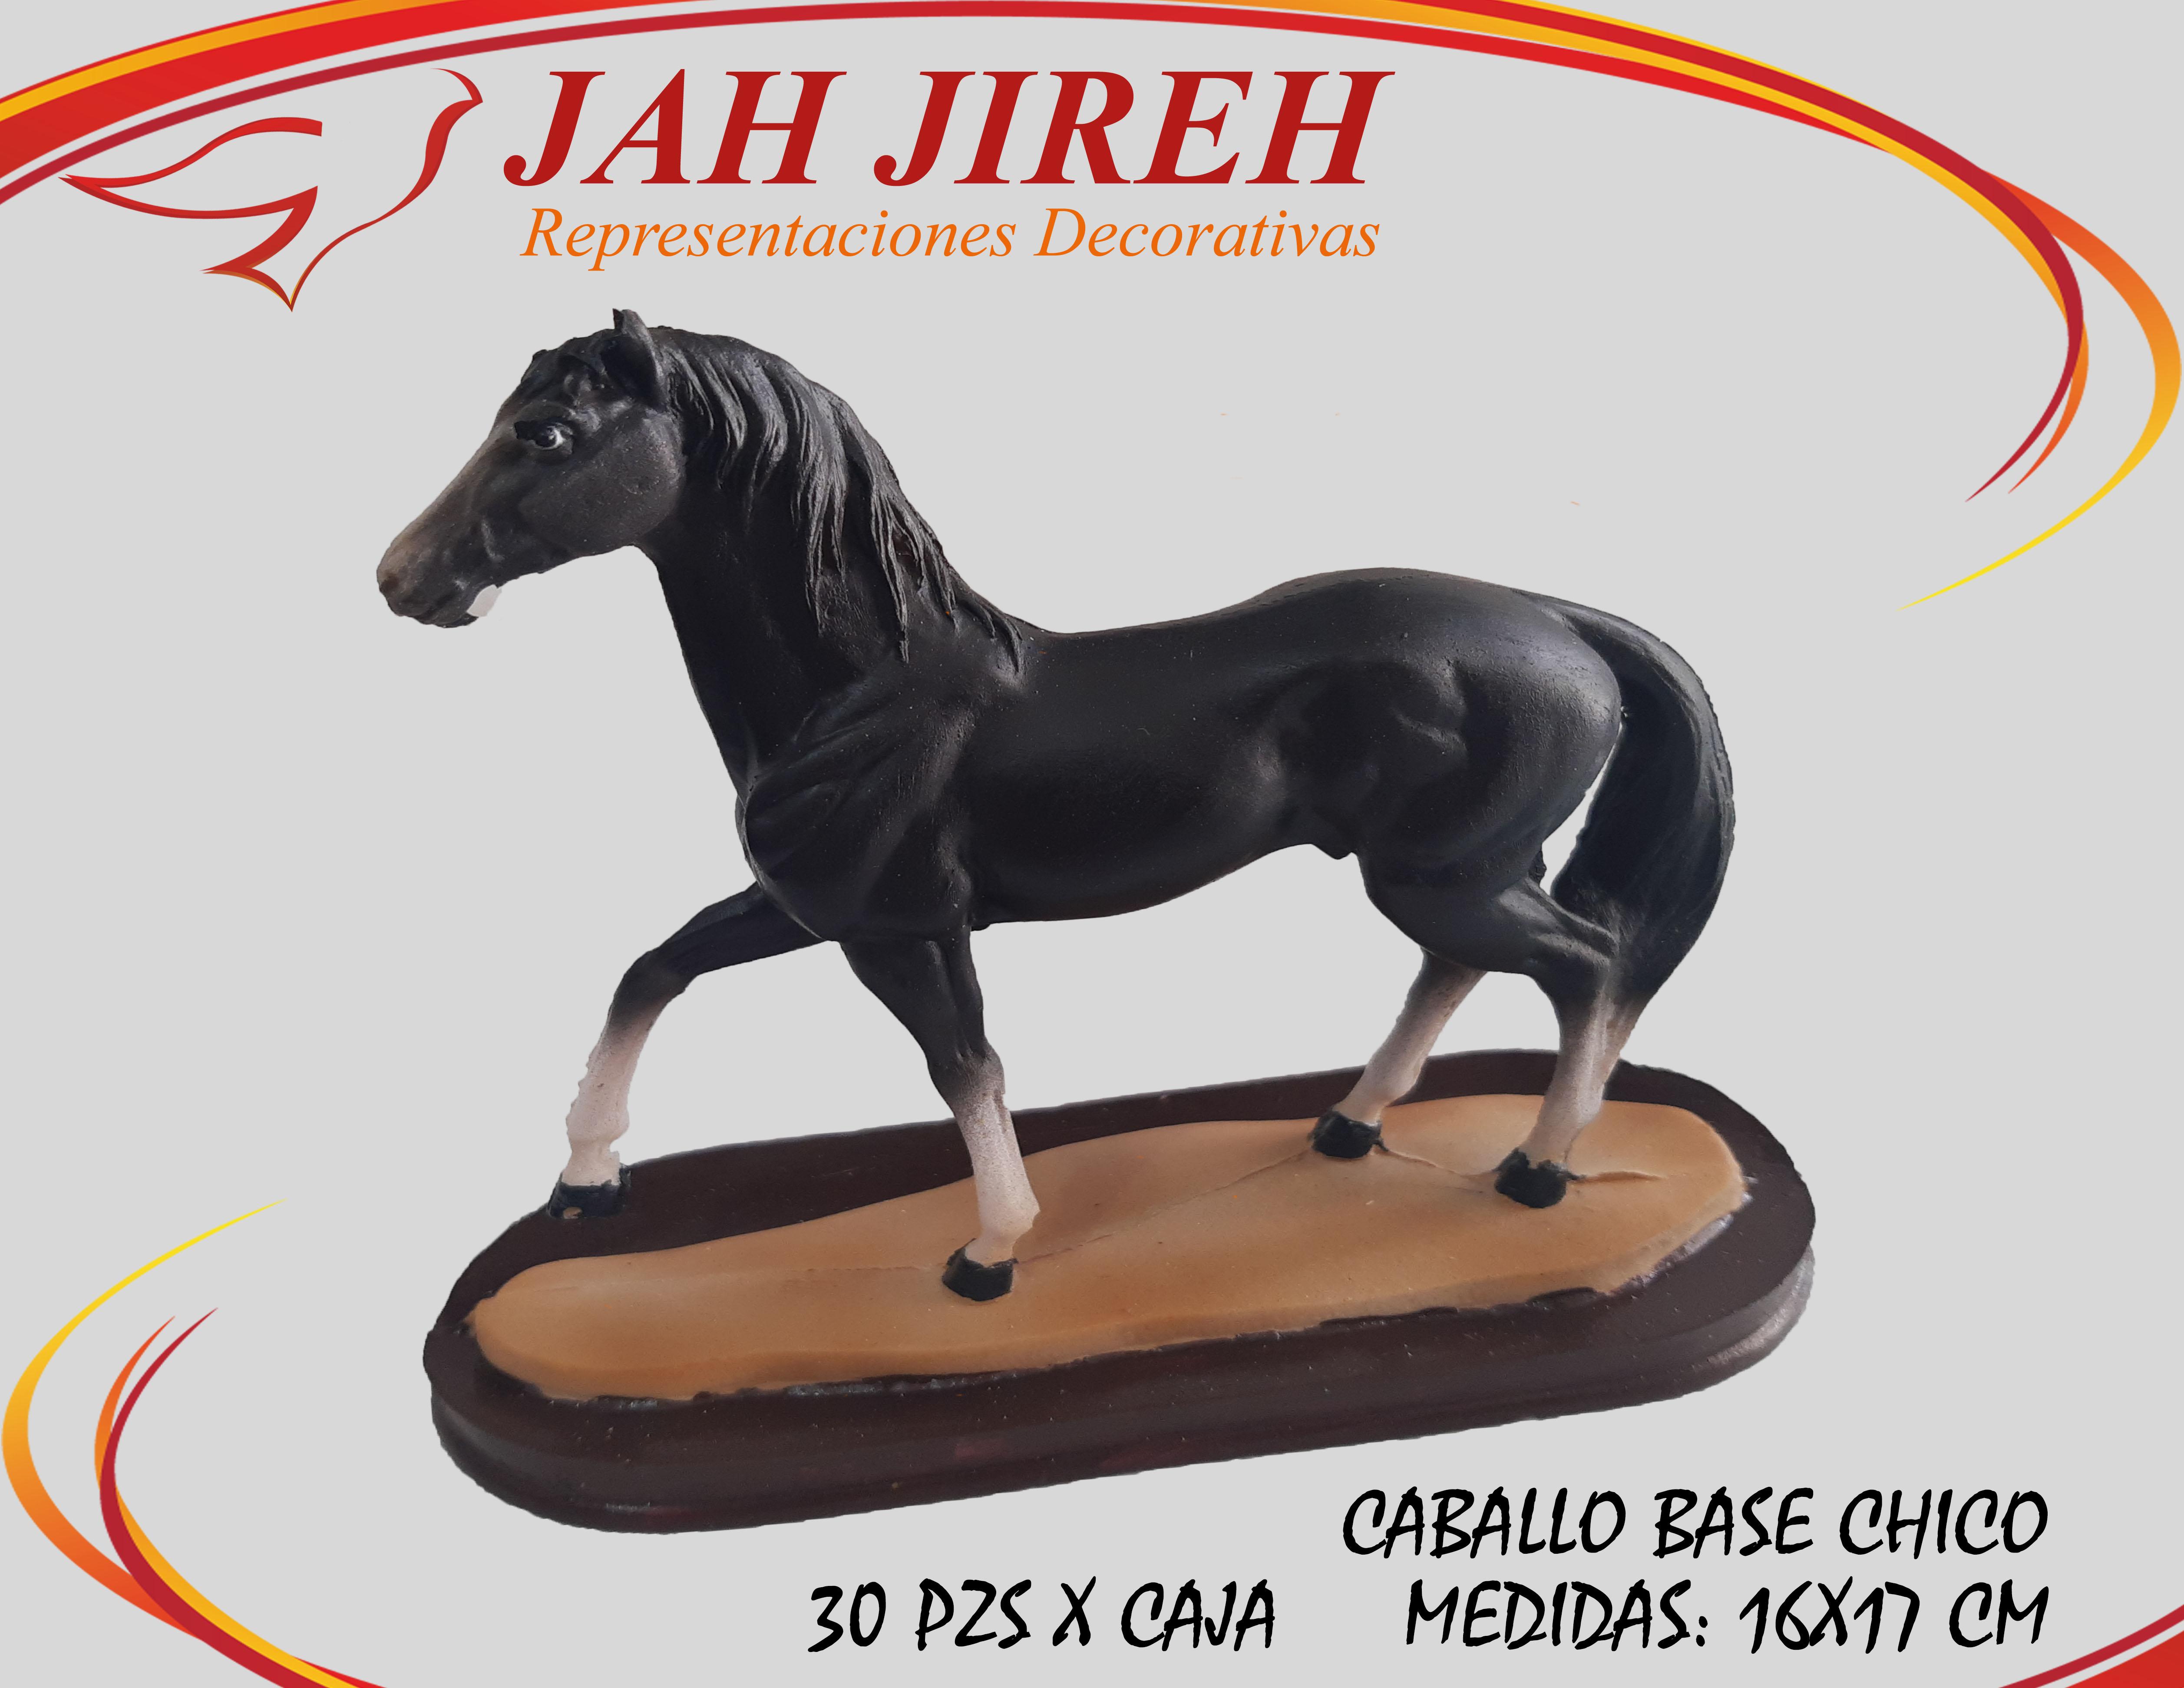 https://0201.nccdn.net/1_2/000/000/16c/99b/caballo-base-chico.jpg